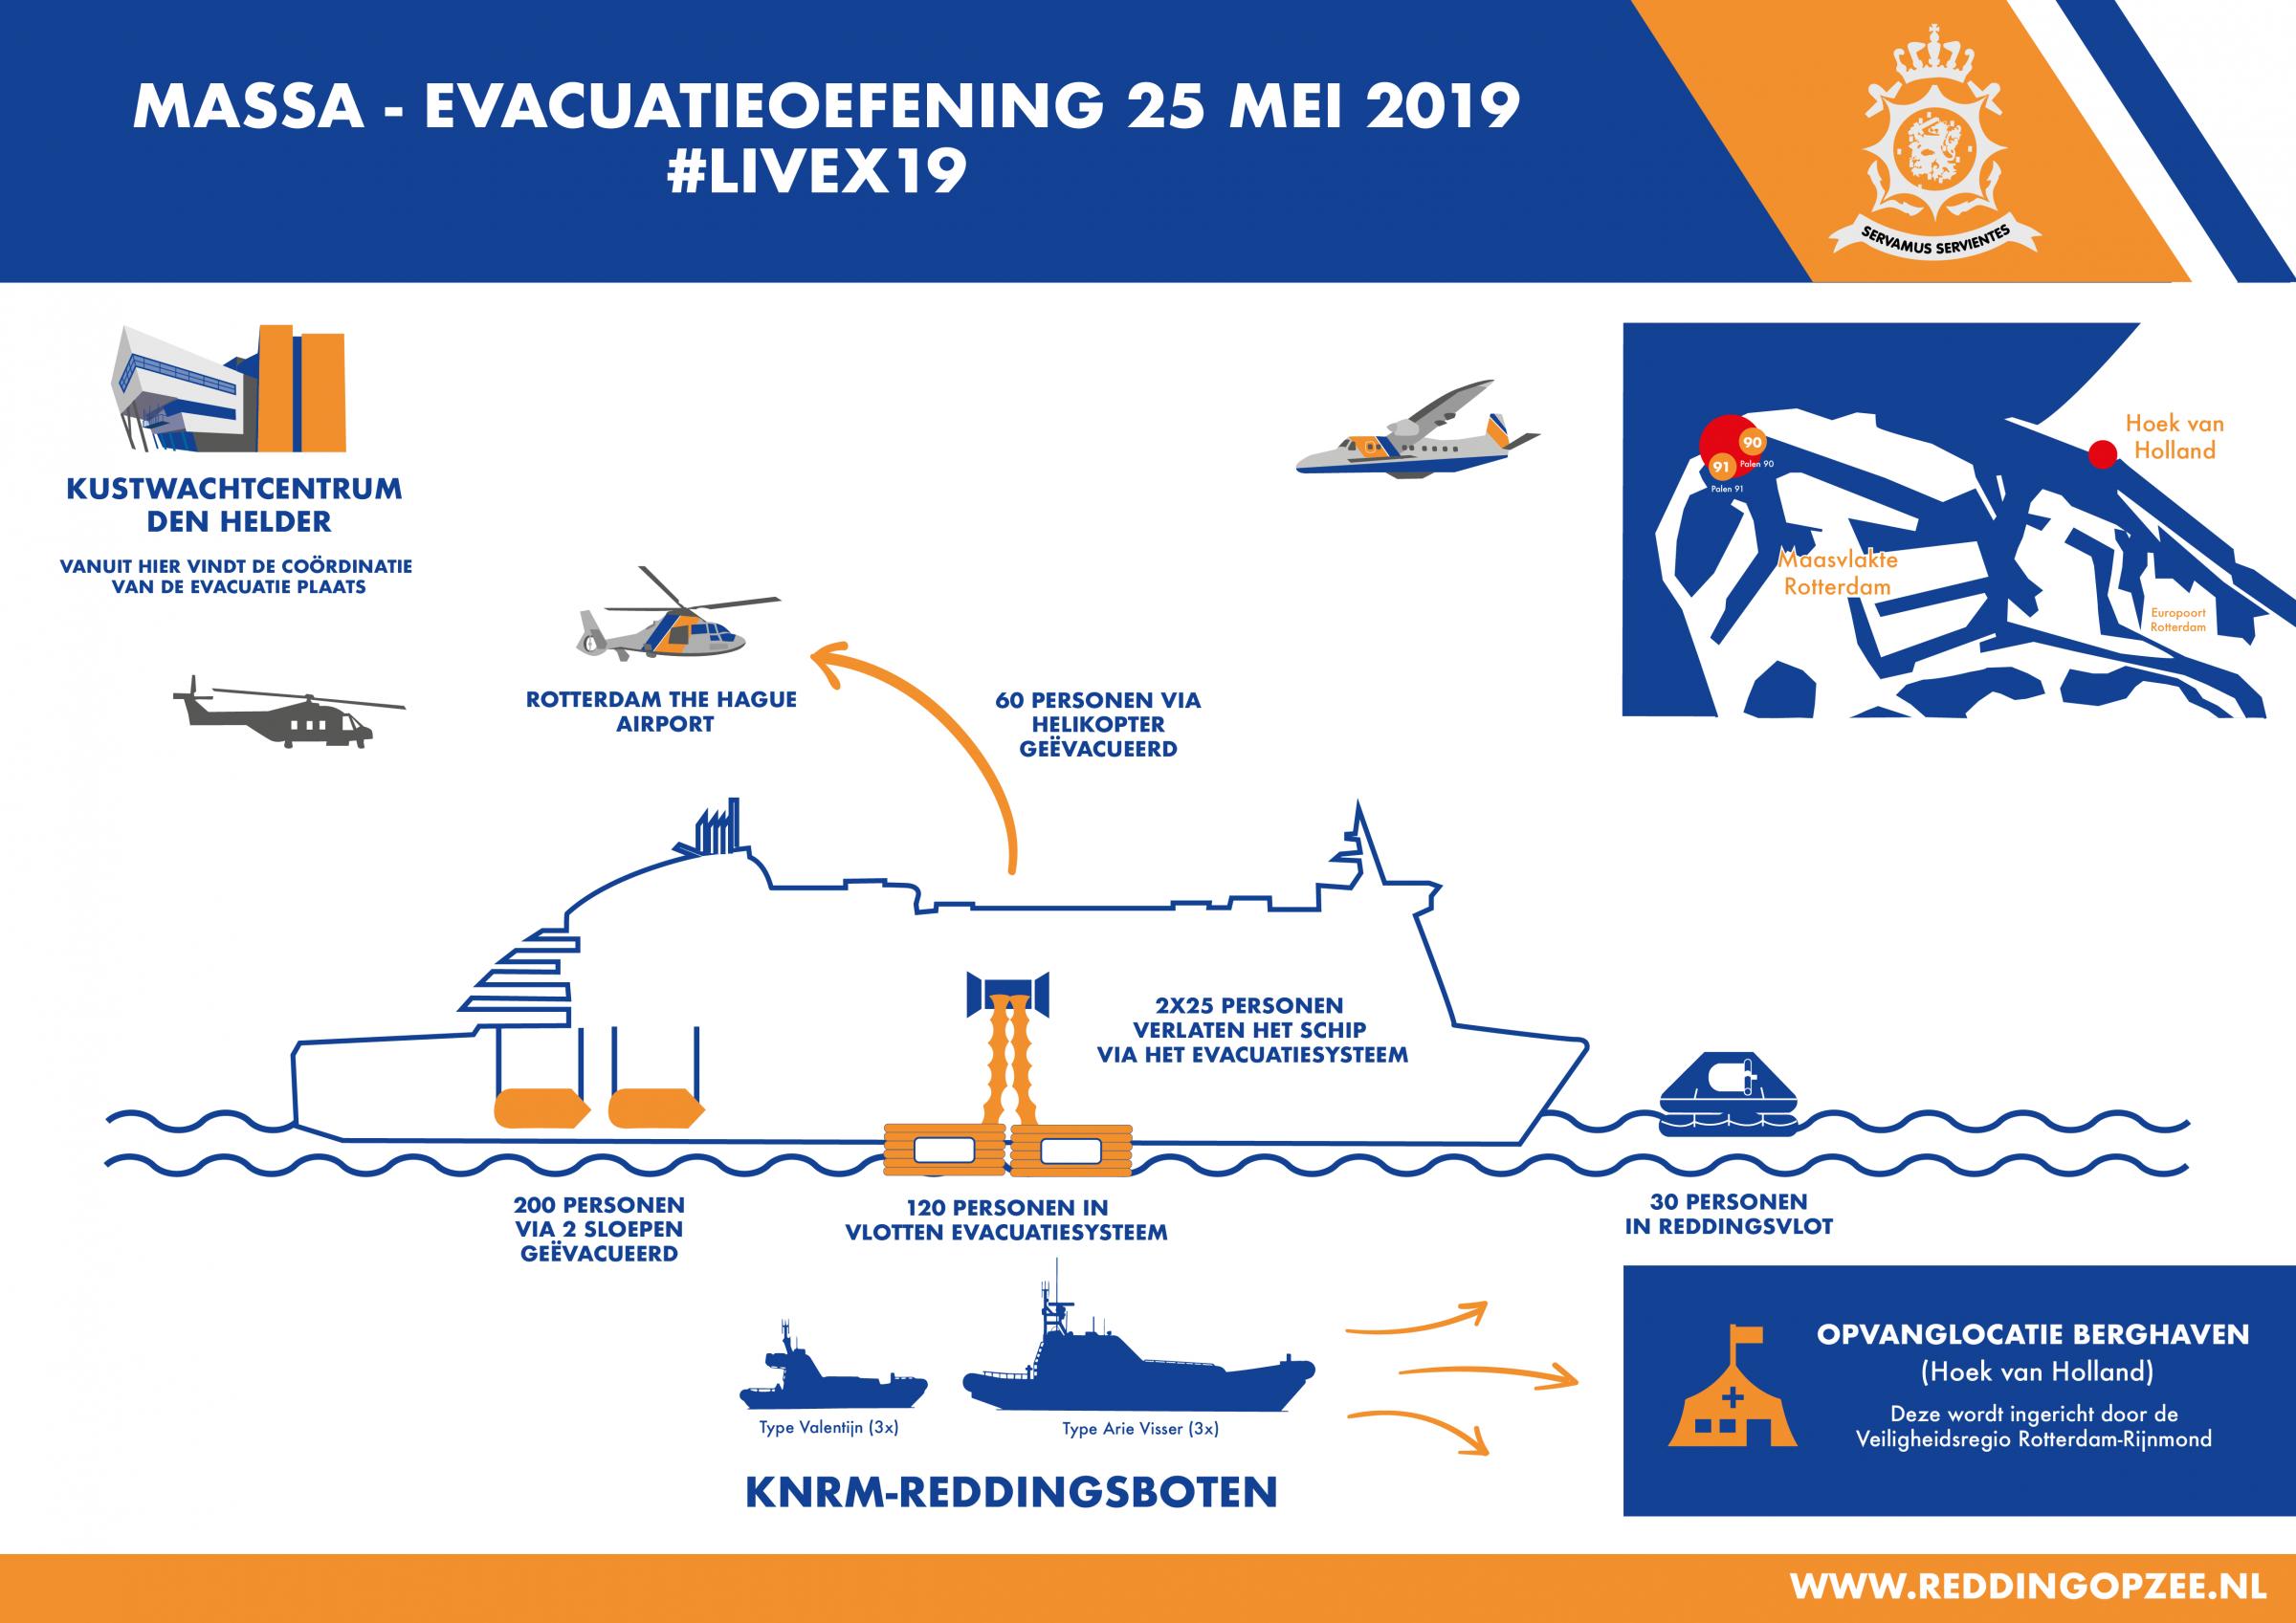 Uitleg evacuatie